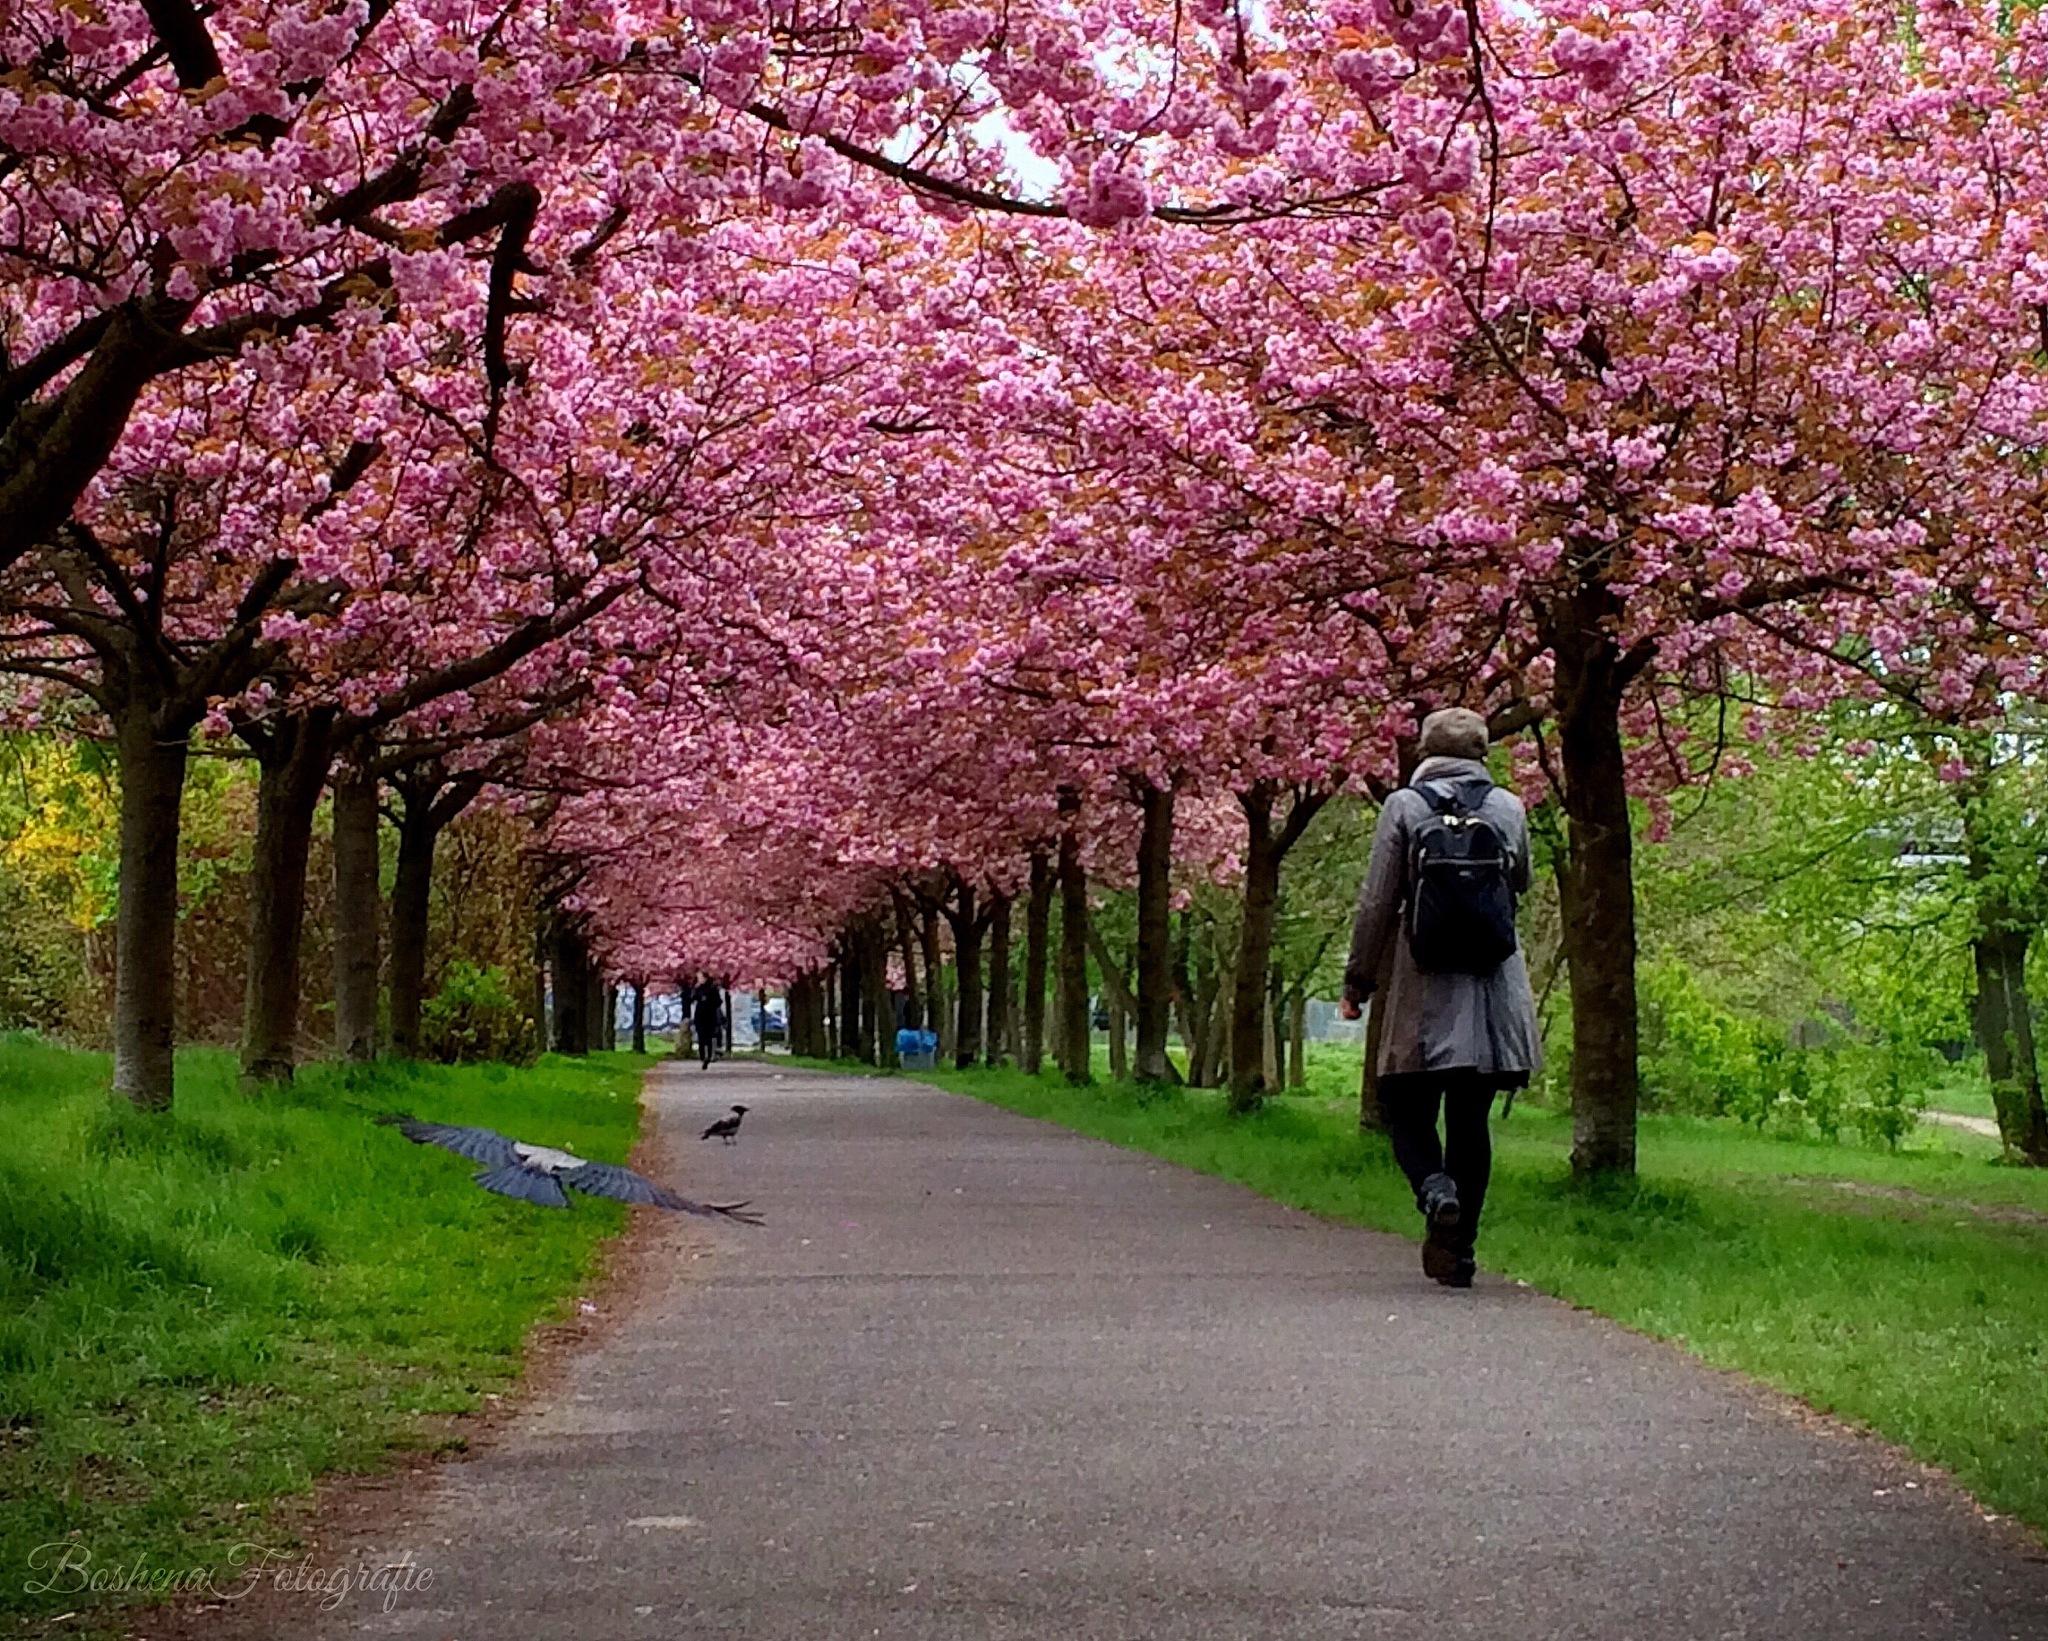 Berlin blossom by BoshenaFotografie